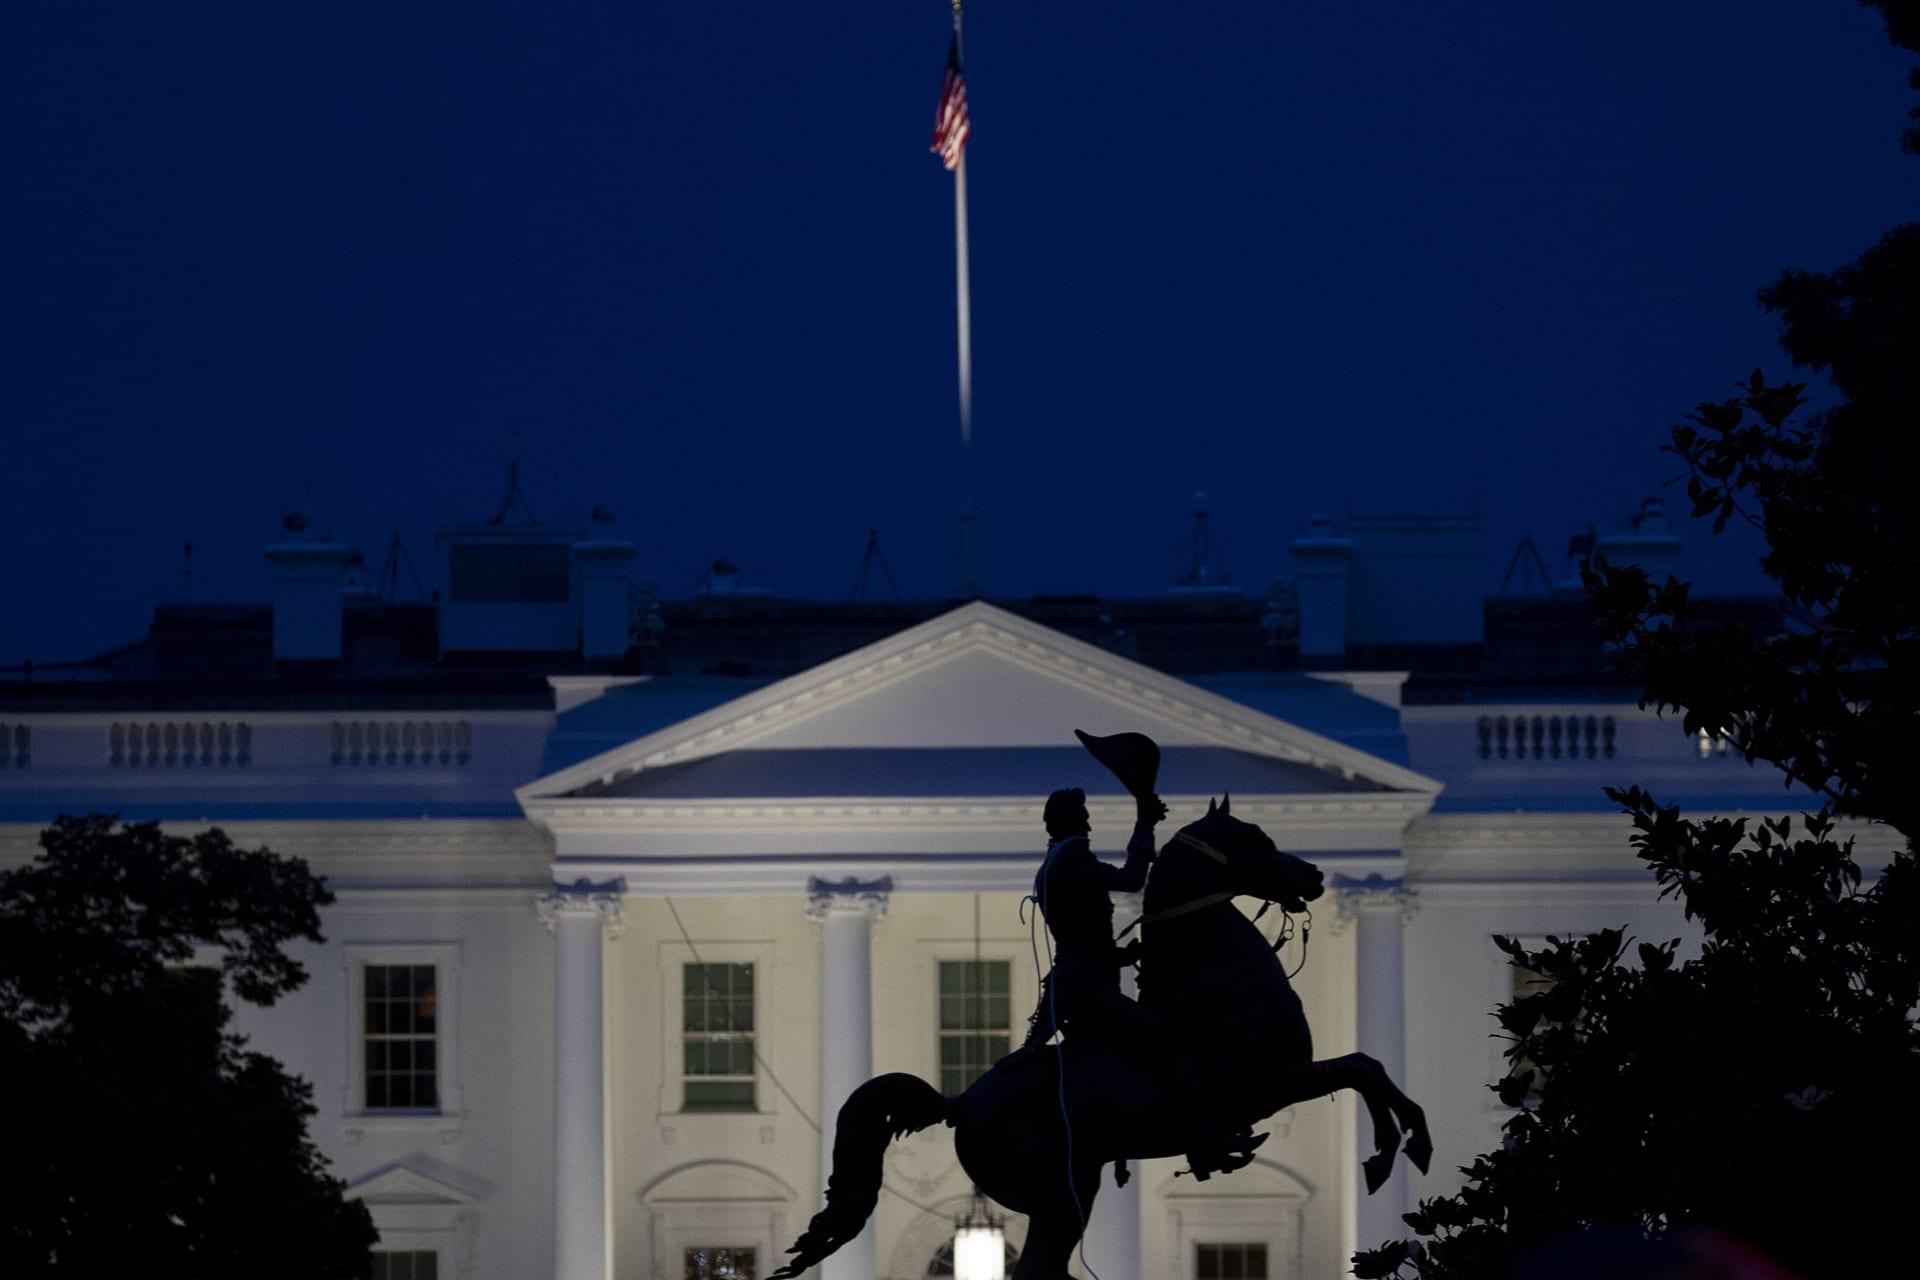 مصادر تكشف لـCNN تفاصيل سحب بيان اتهام البيت الأبيض لروسيا بشن الهجوم السيبراني